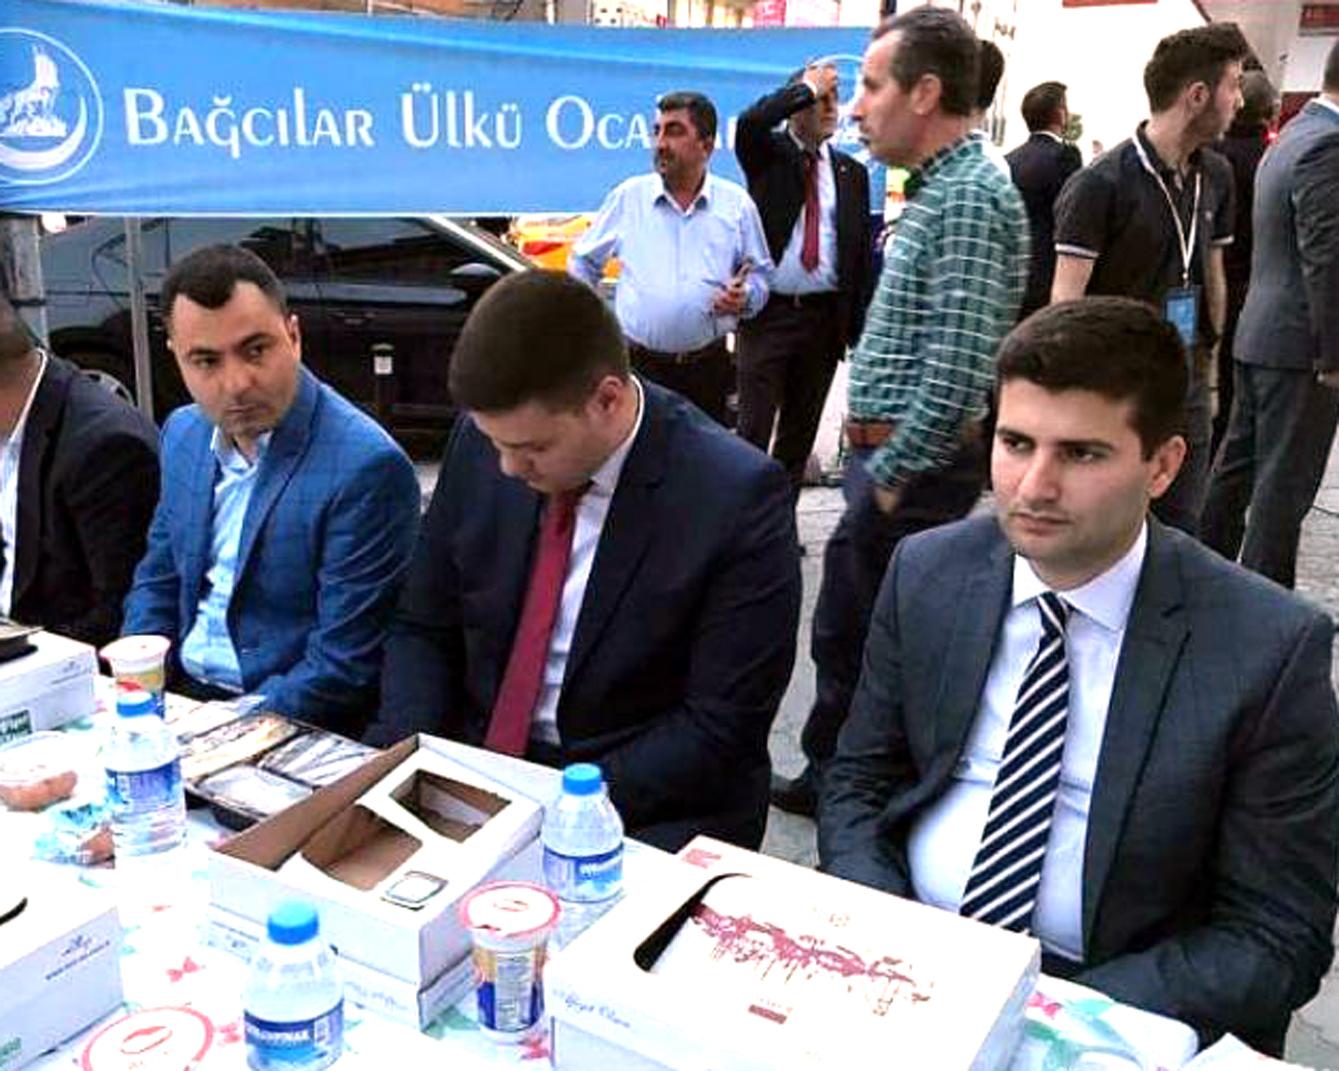 Ülkü Ocaklarının teşkilatları Ömer Şanlı'dan sorulacak